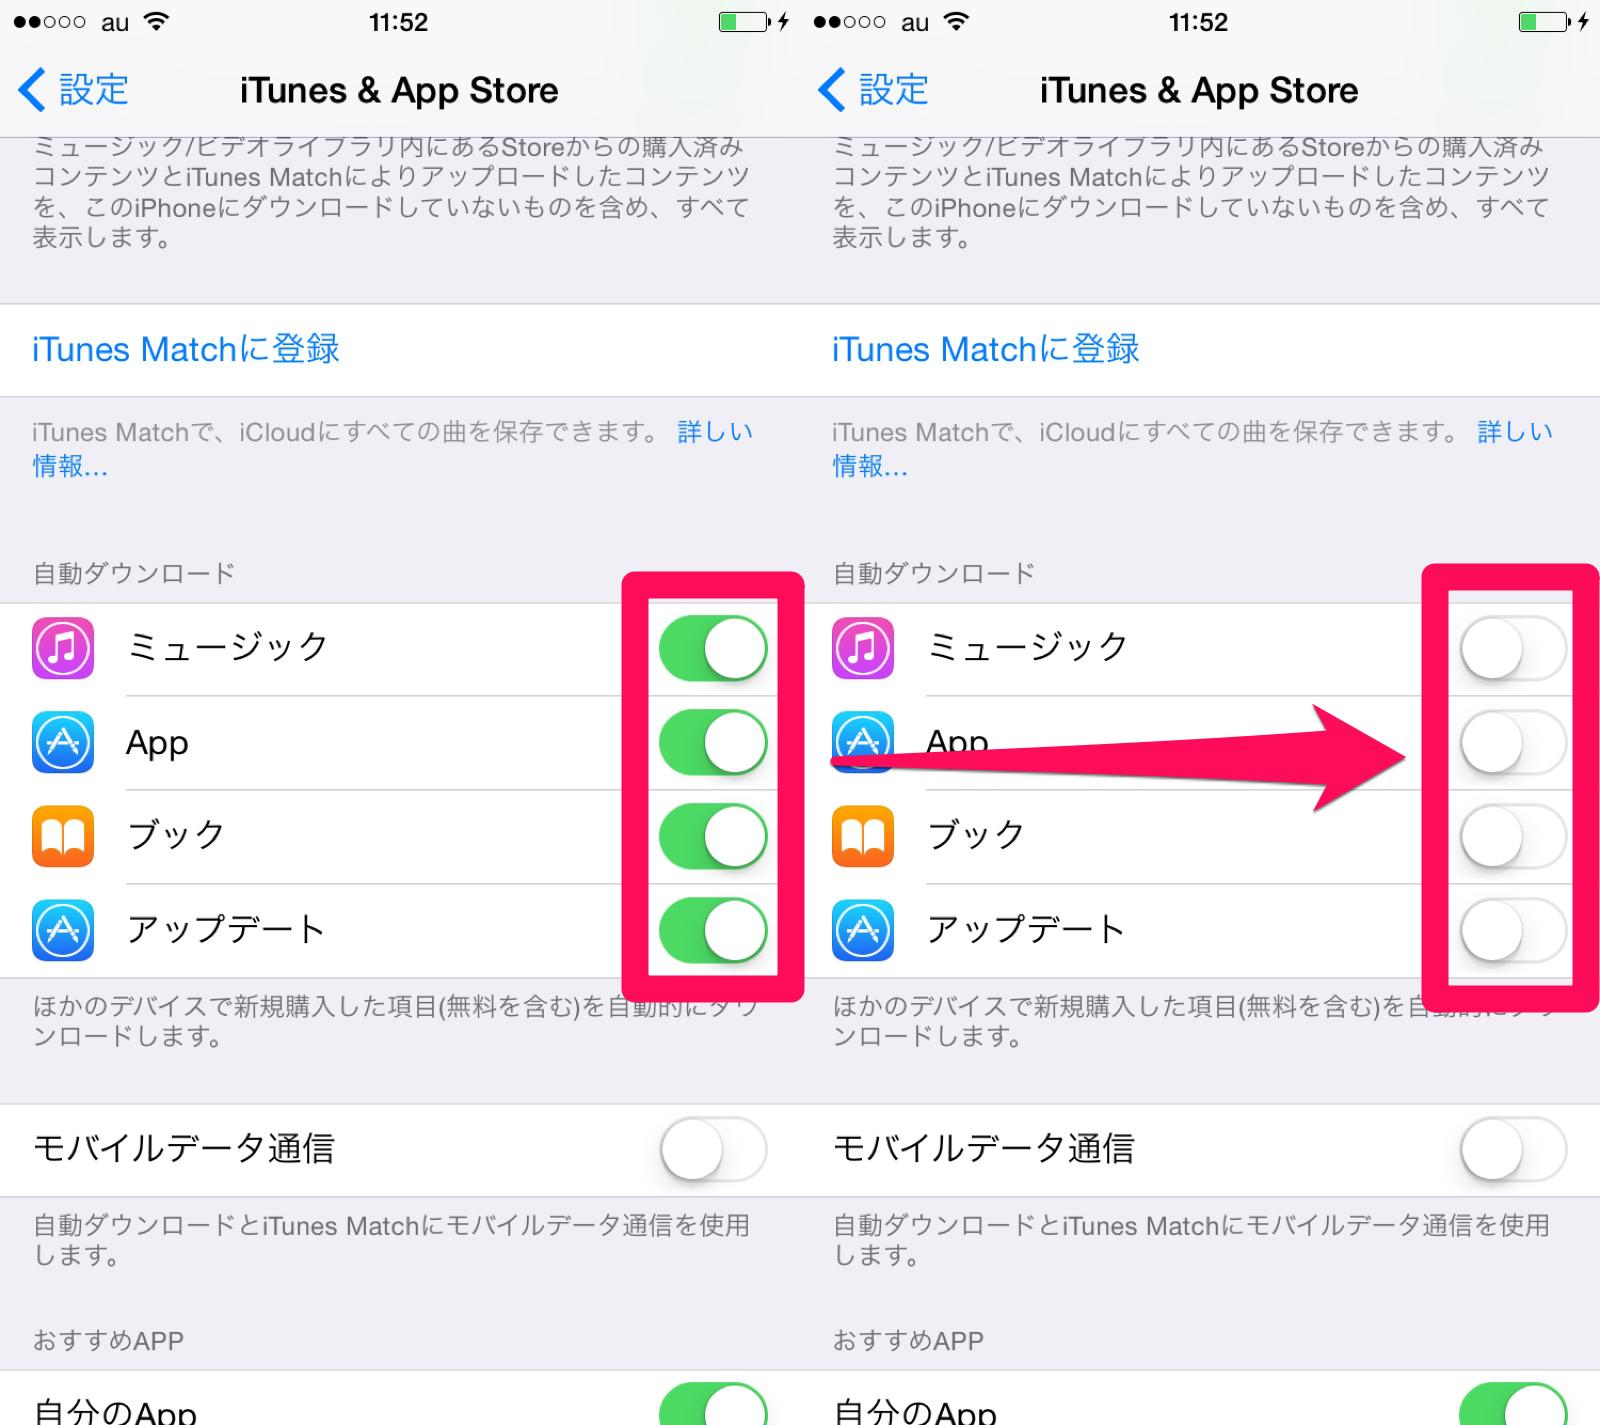 アプリの自動アップデートをオフにして通信を節約するやり方